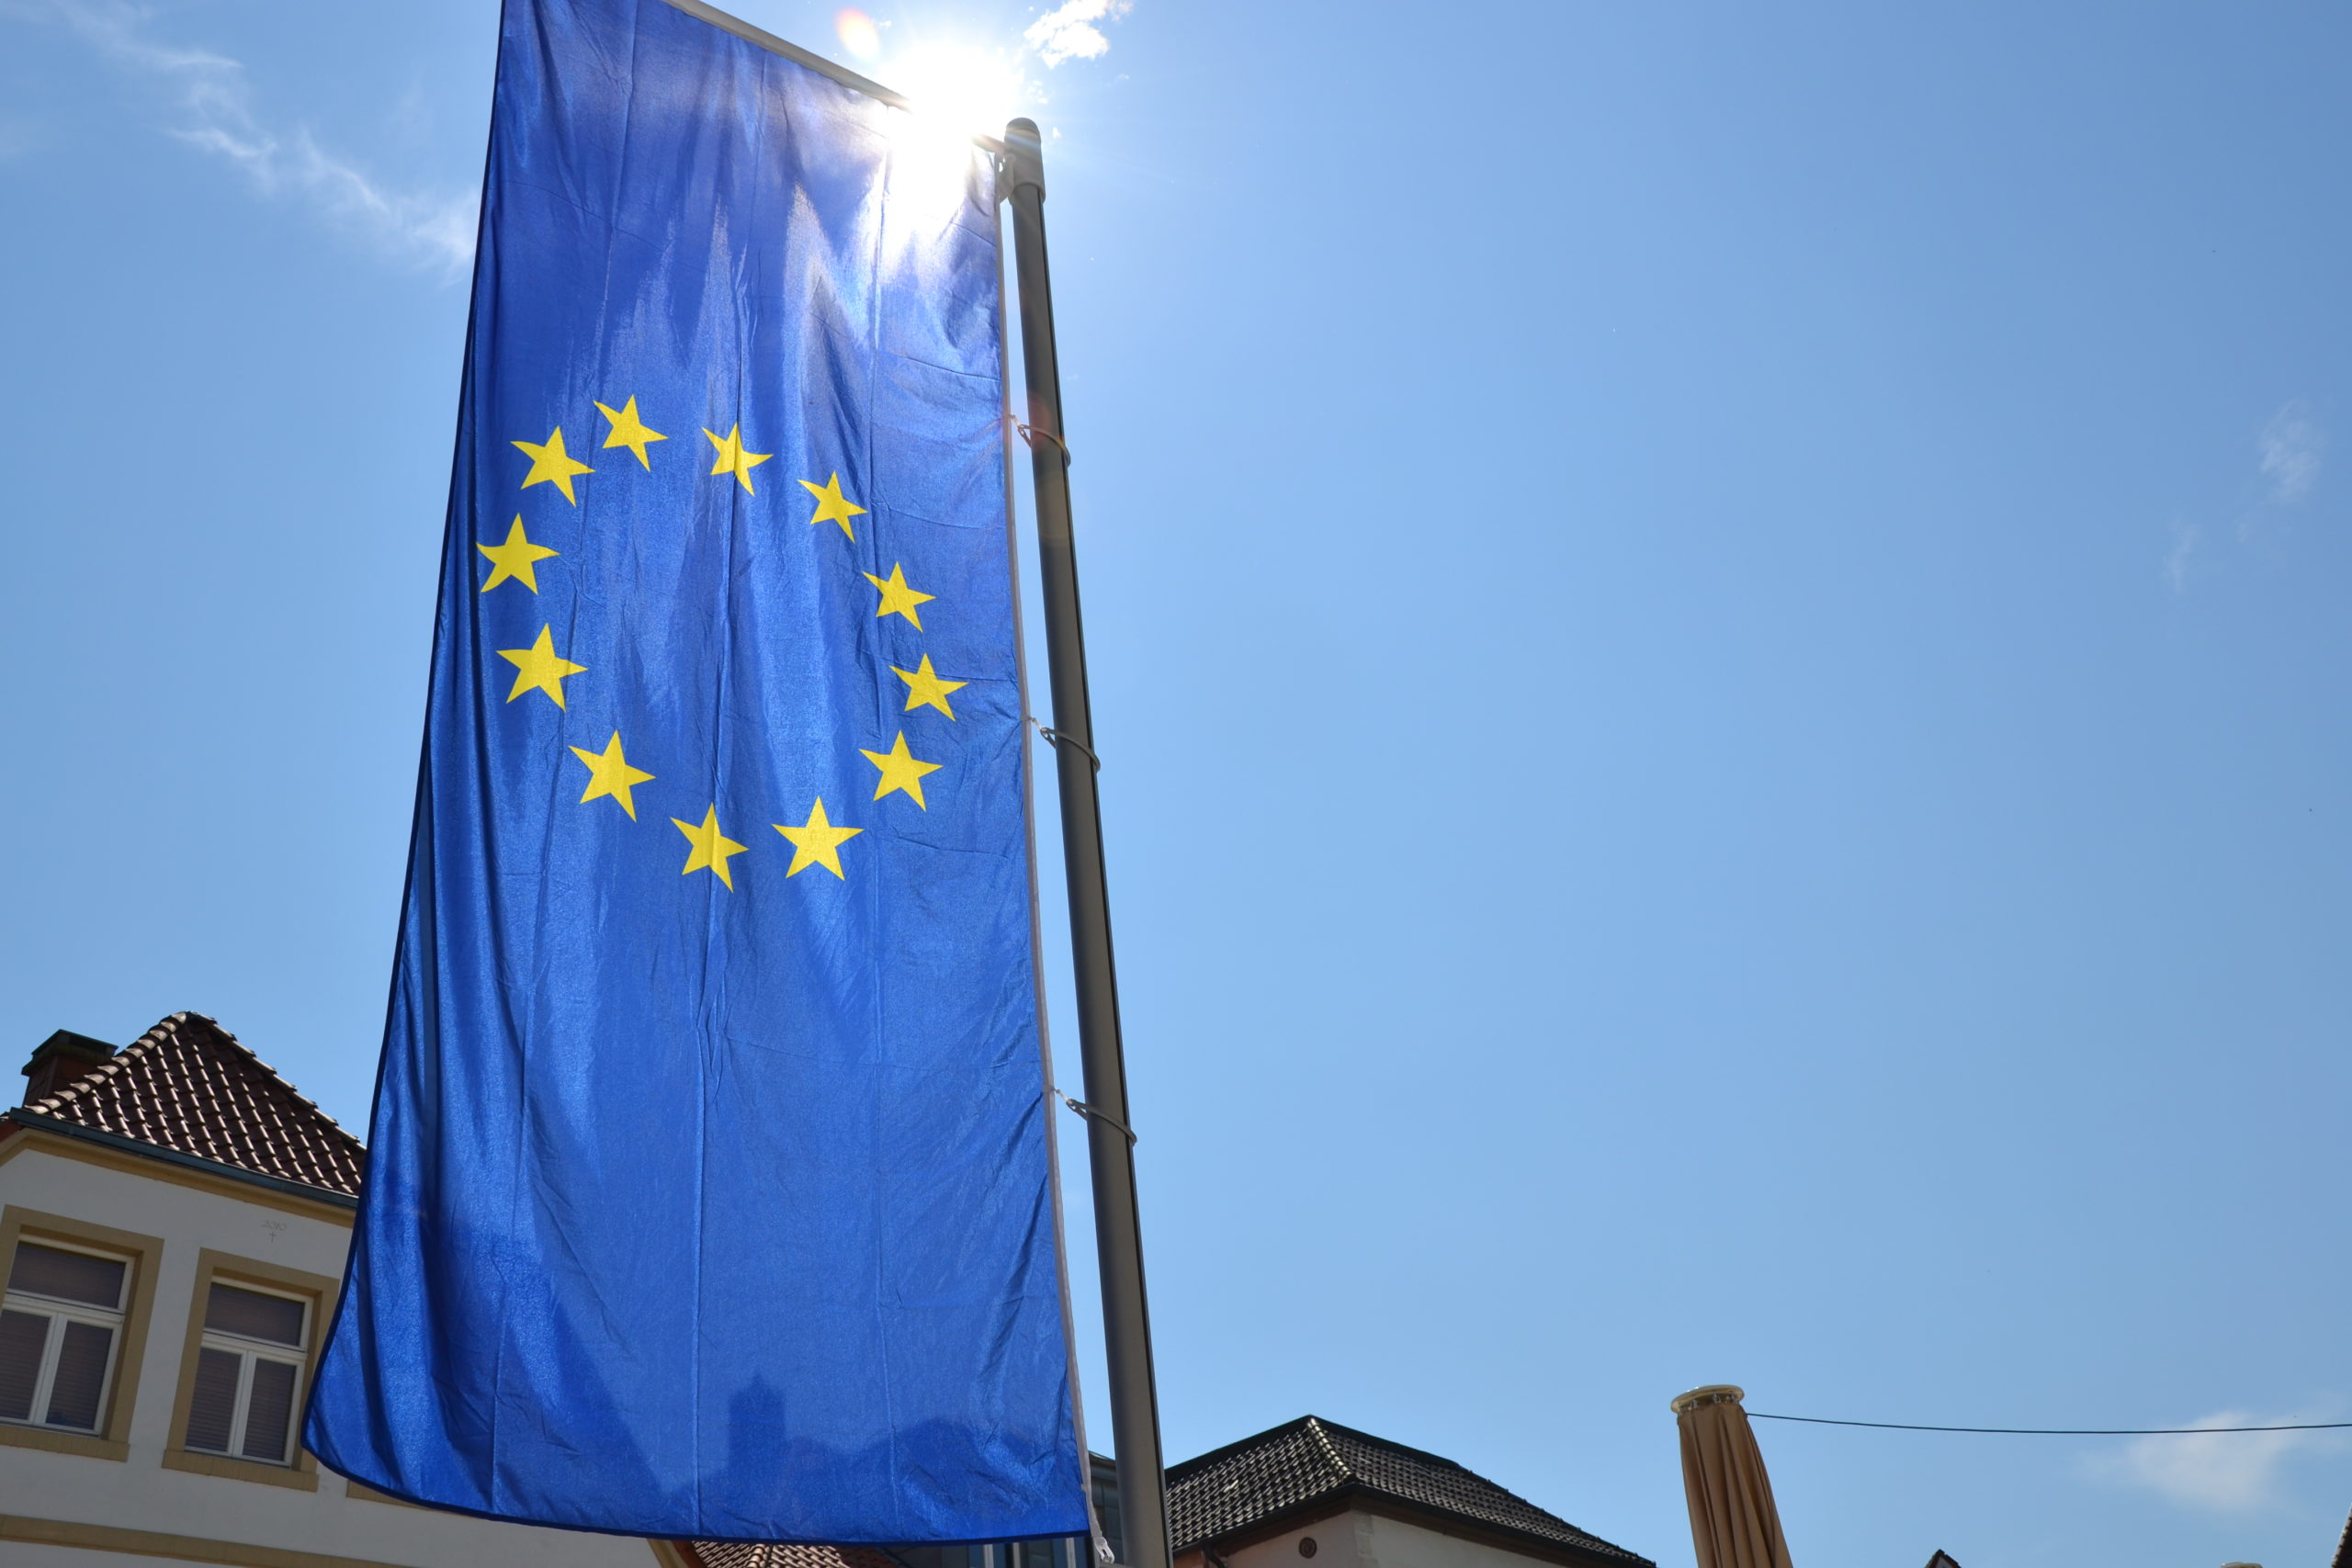 EU-Fahne Steinfurt